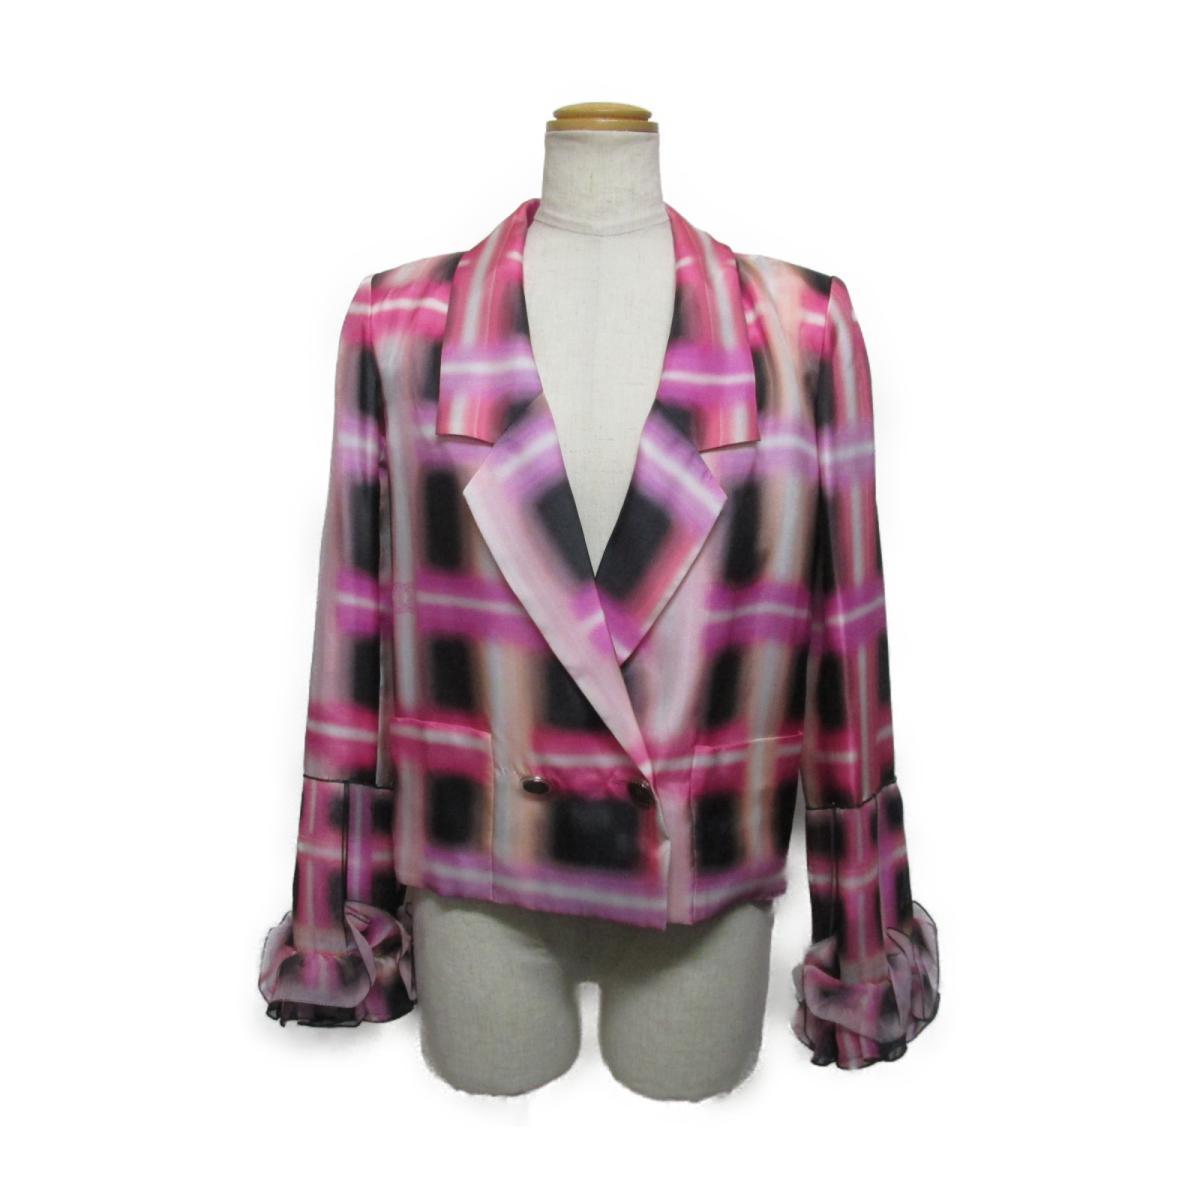 【中古】 シャネル シルク ジャケット レディース シルク100% ピンク ホワイト ブラック (P56529V42503) | CHANEL BRANDOFF ブランドオフ 衣料品 衣類 ブランド アウター コート